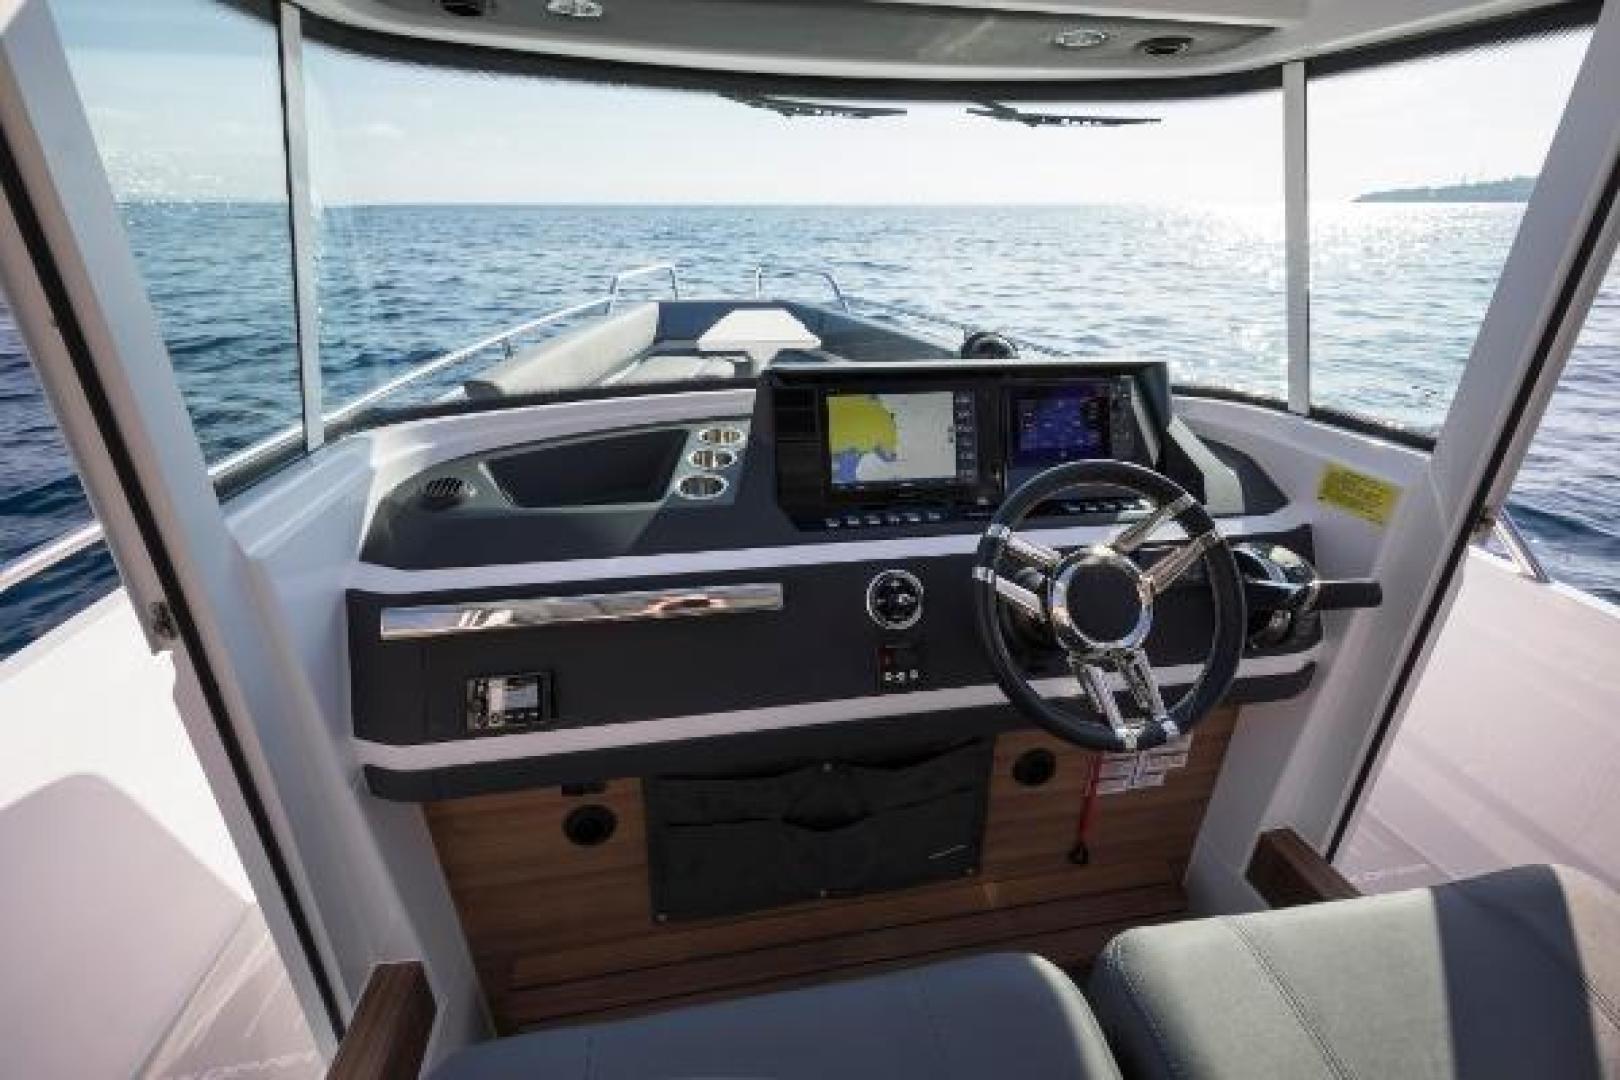 Axopar-28 CABIN 2020-Axopar 28 CABIN Palm Beach-Florida-United States-1531461 | Thumbnail